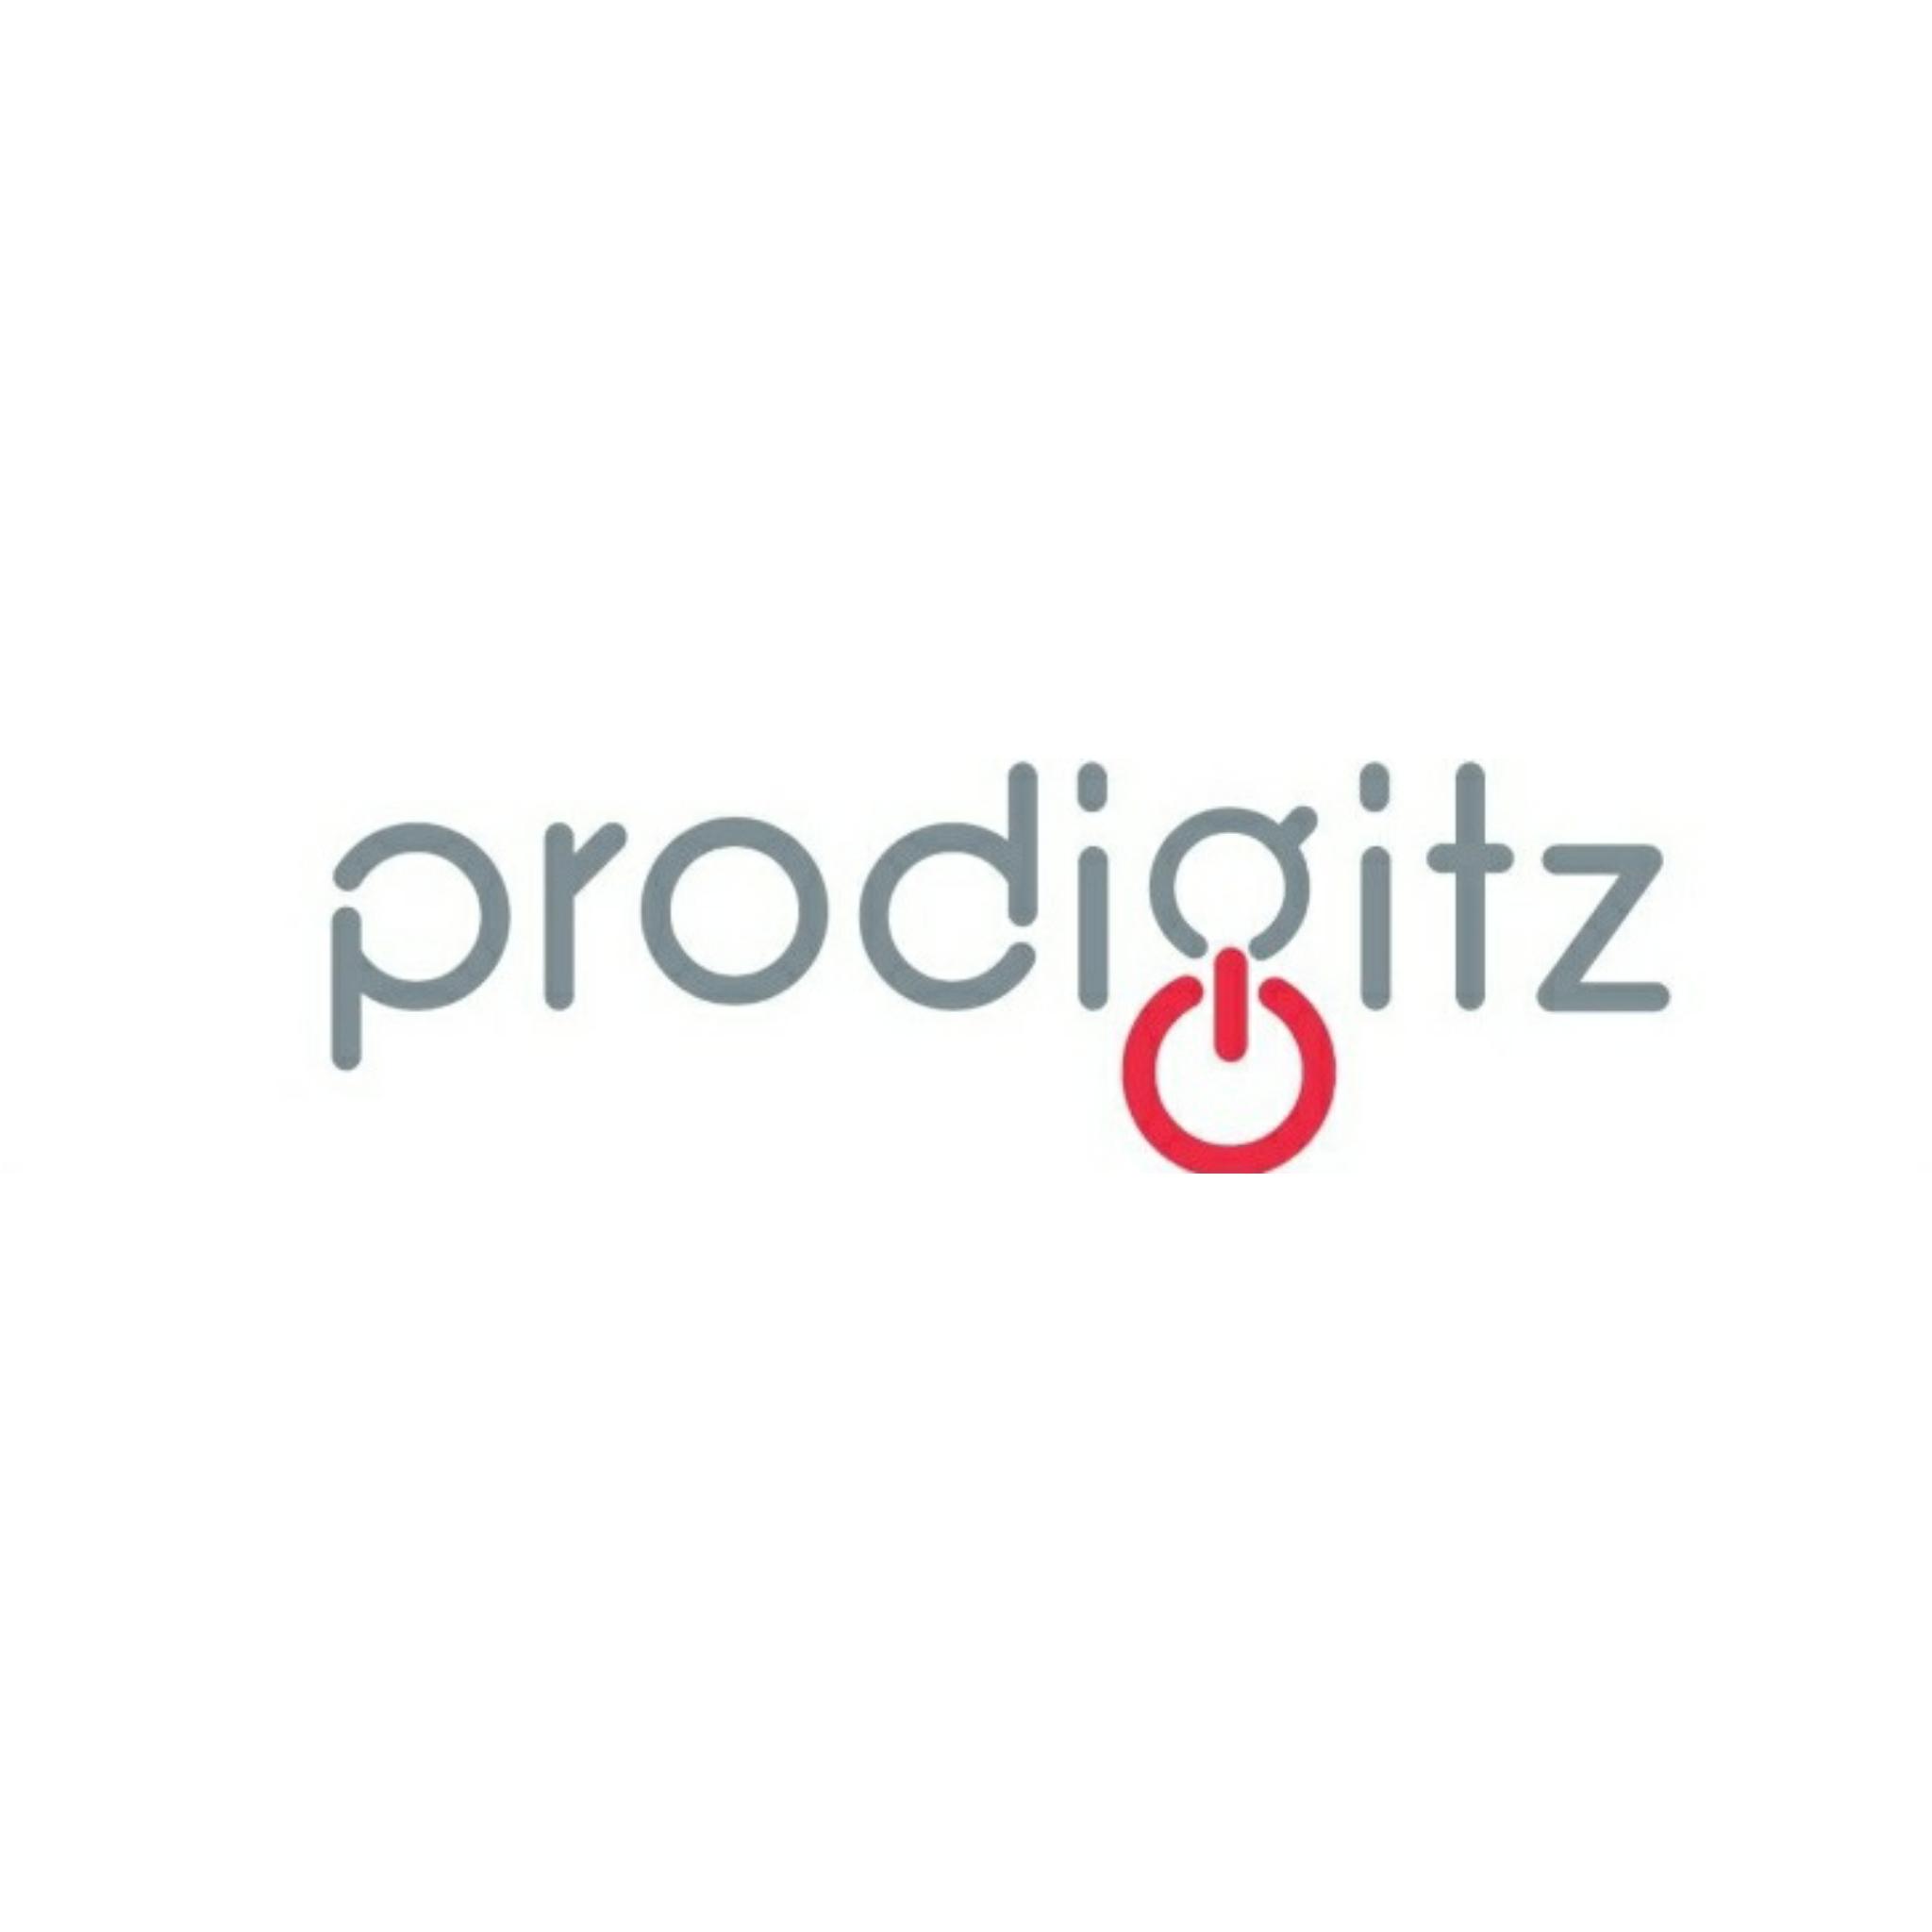 prodigitz